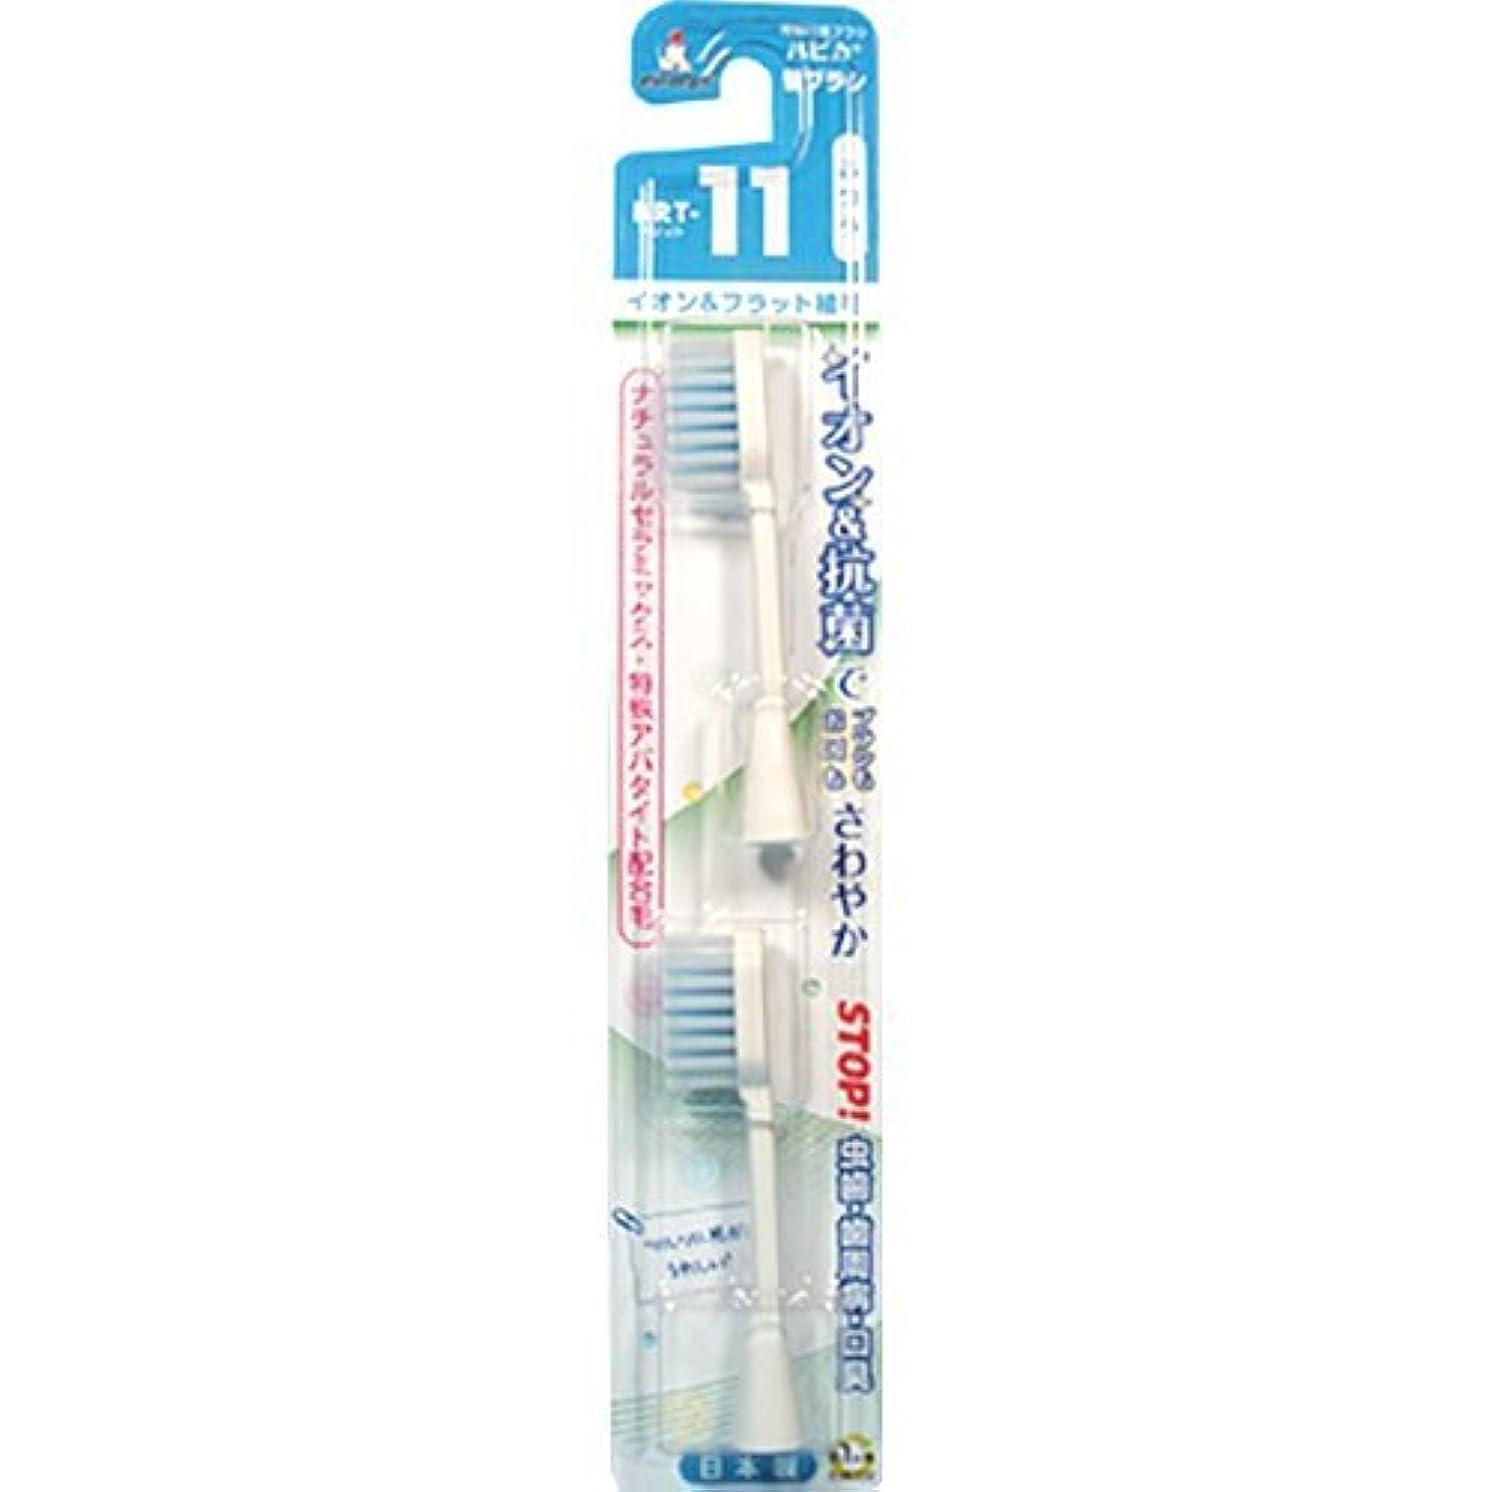 海藻対処寸法ミニマム 電動付歯ブラシ ハピカ 専用替ブラシ イオン+フラット植毛 毛の硬さ:ふつう BRT-11 2個入